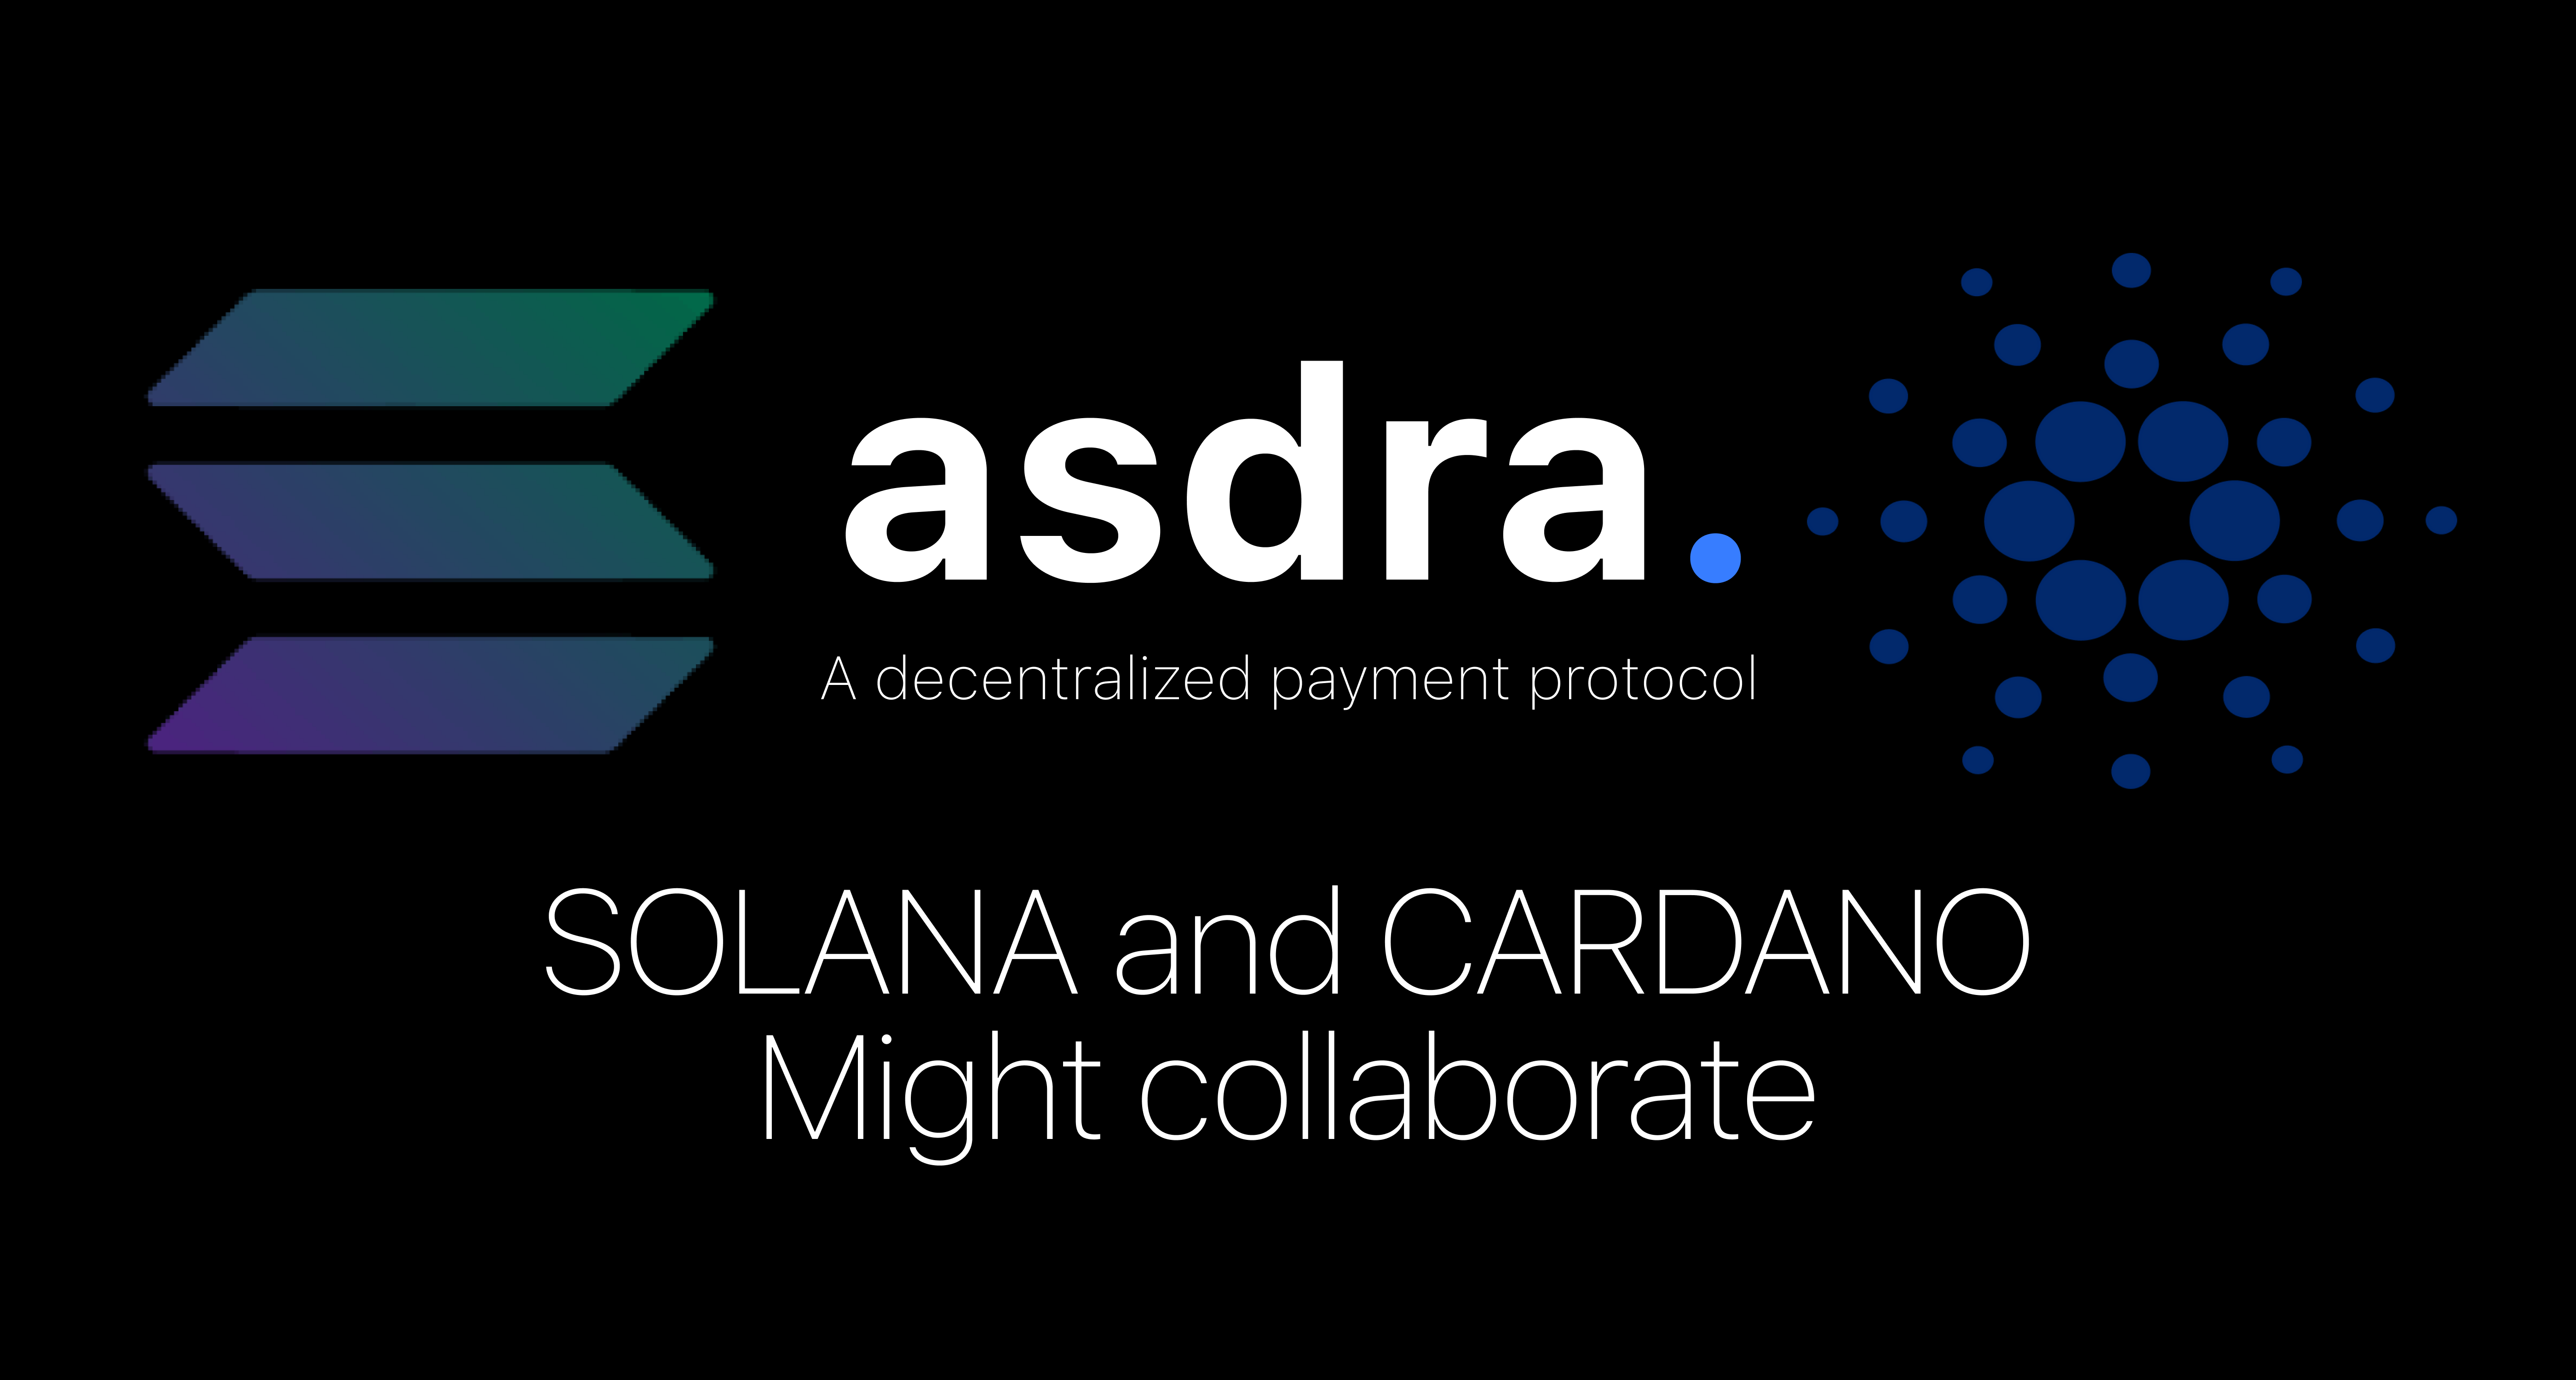 Cardano (ADA) and Solana (SOL) might collaborate